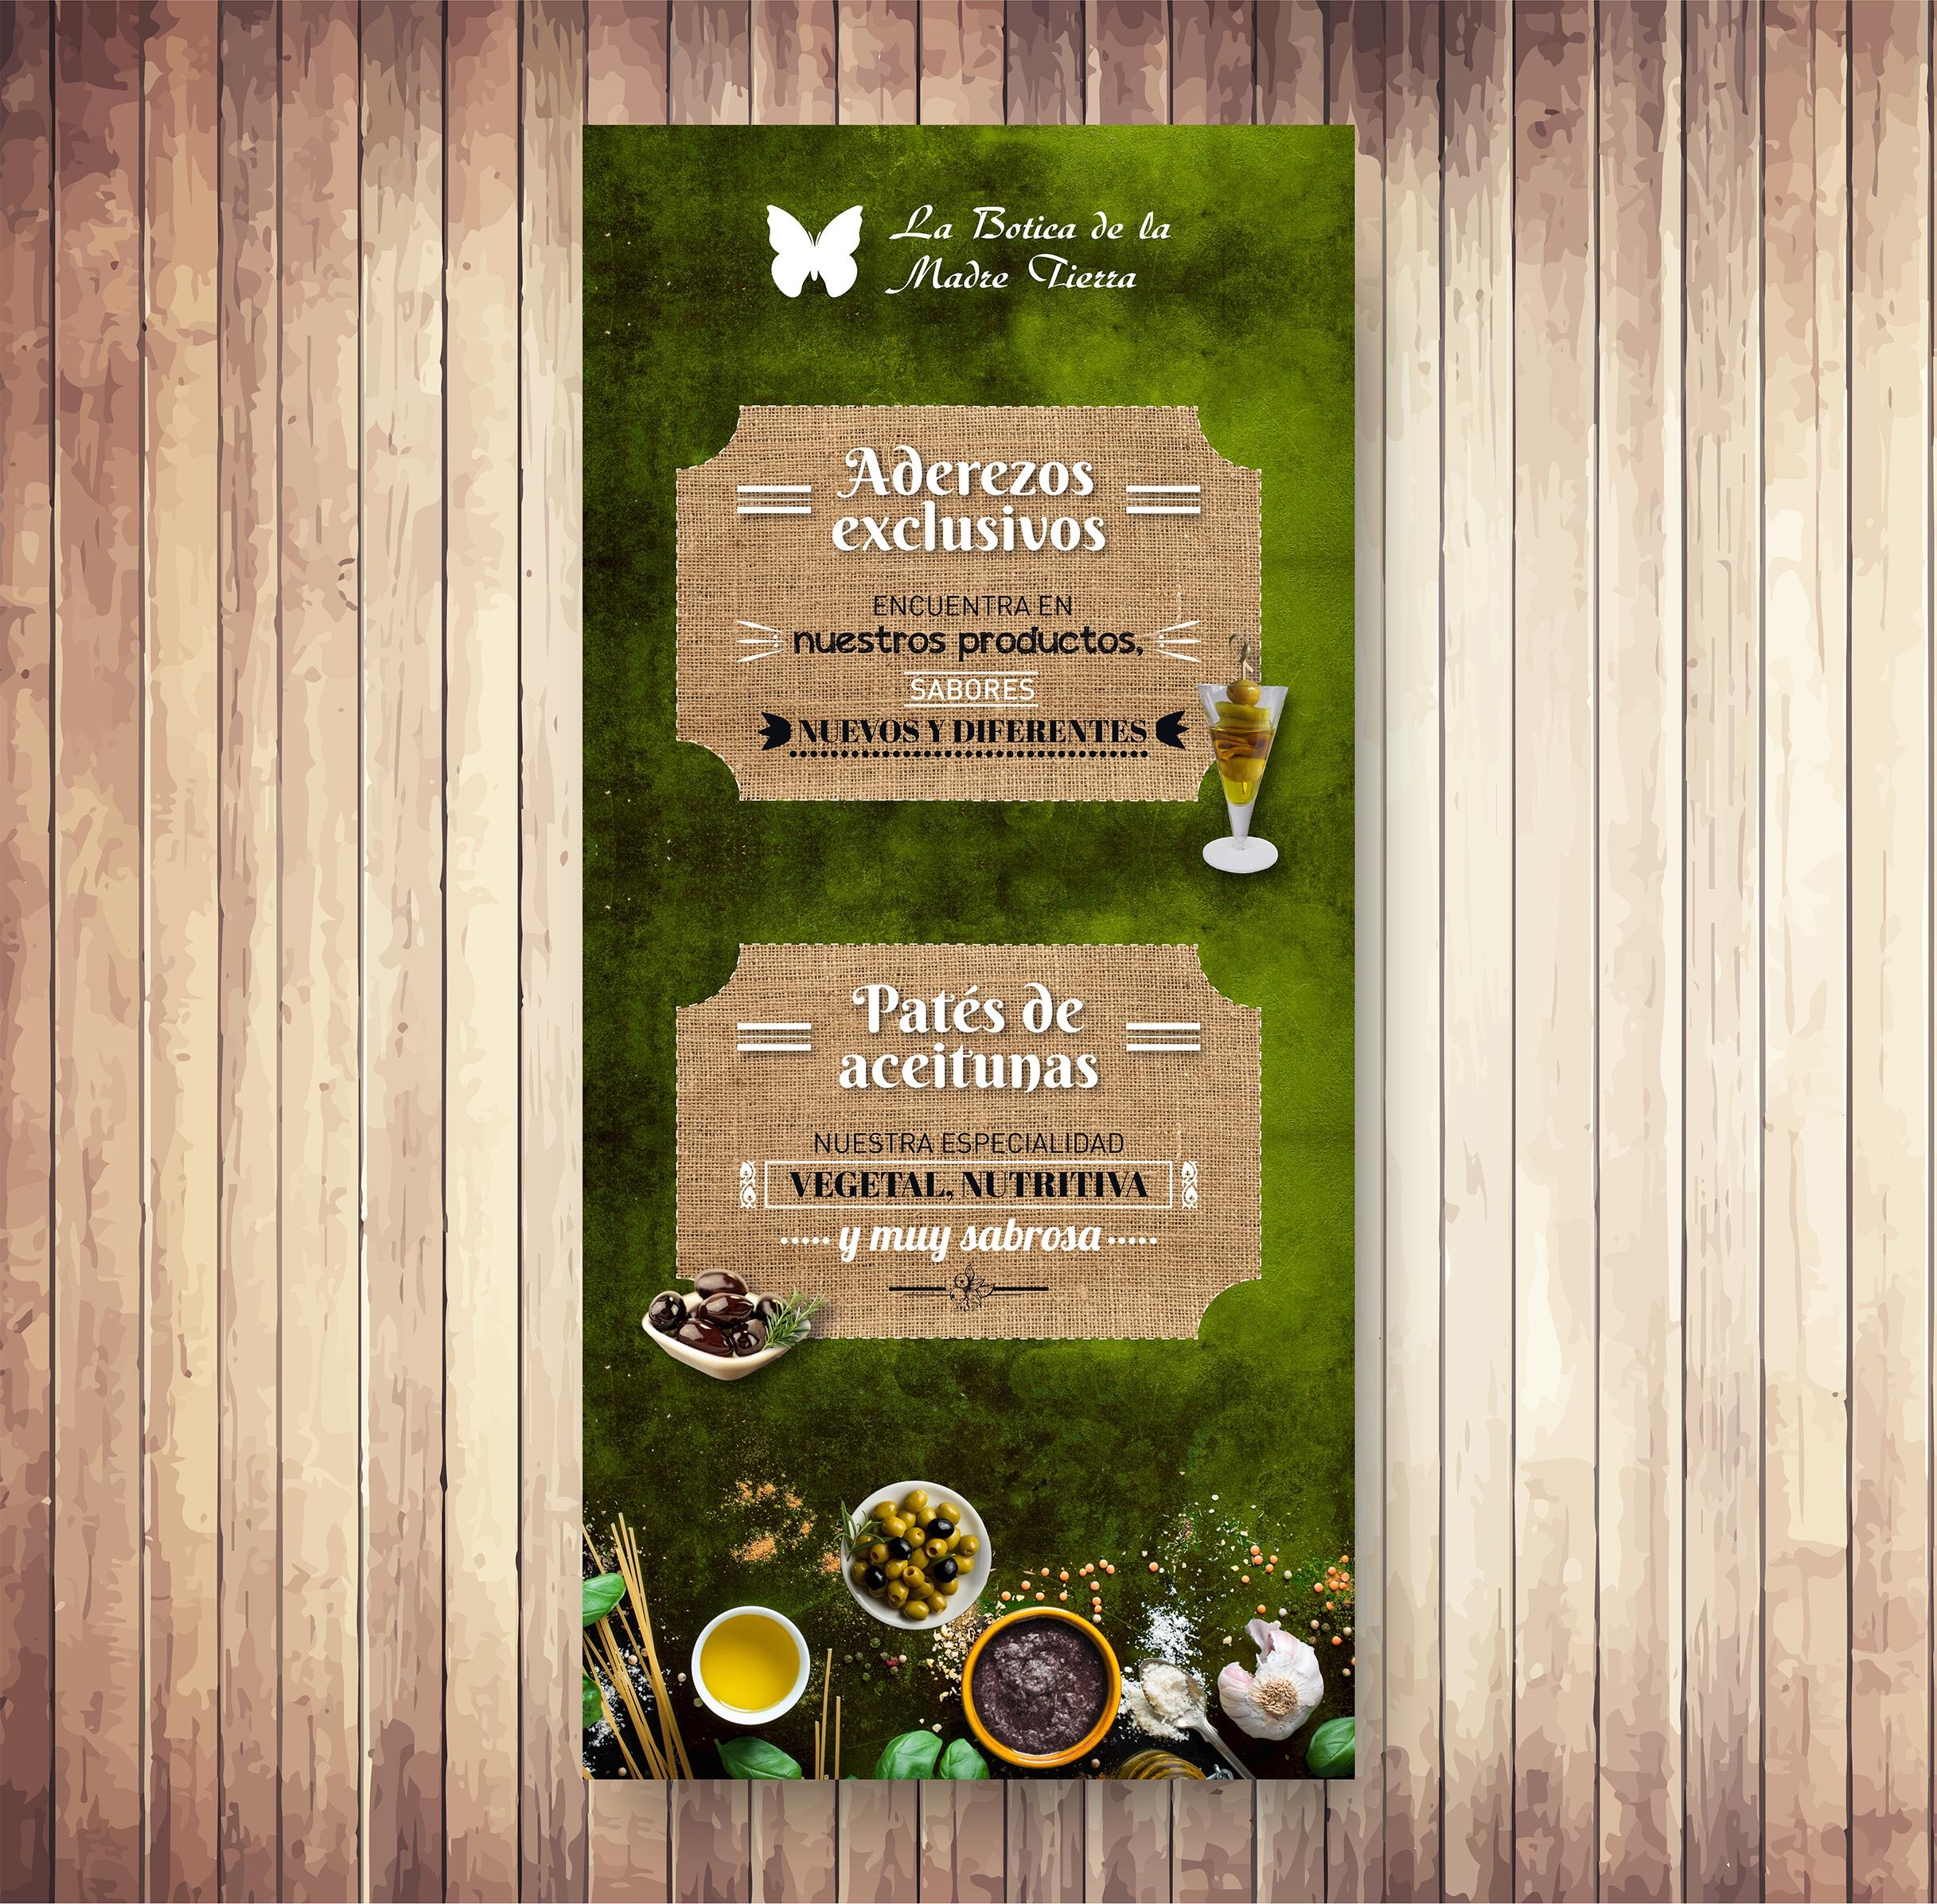 Cartel para cliente Botica de la Madre Tierra